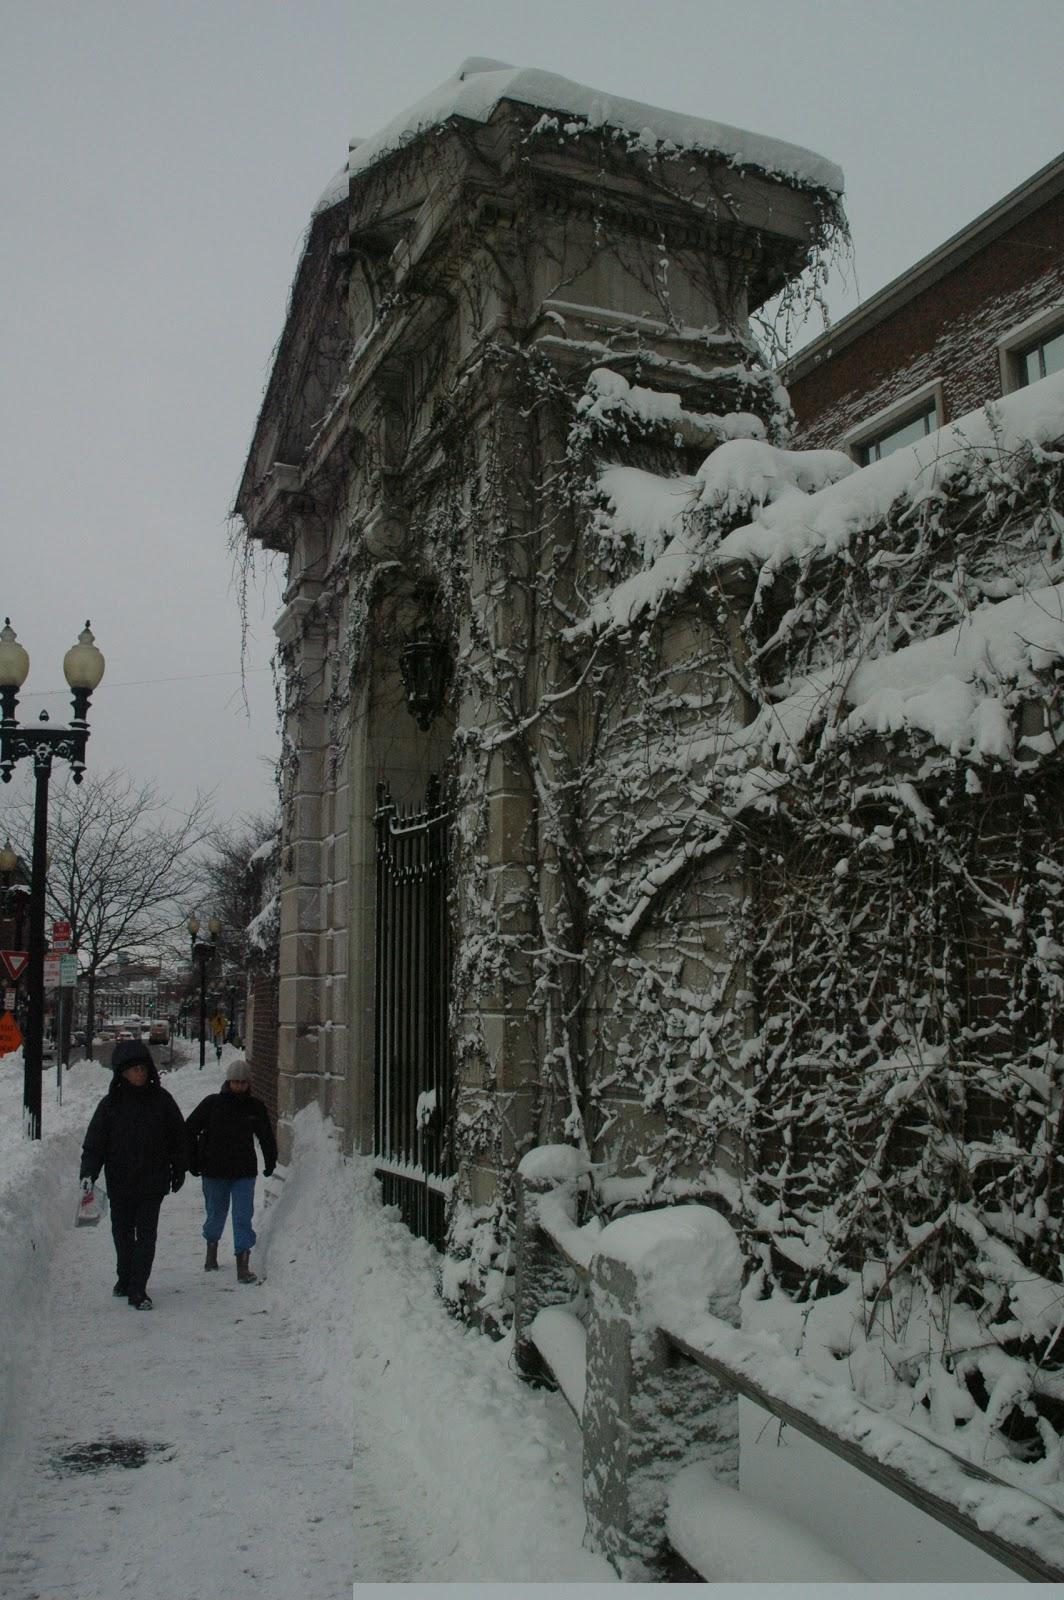 http://2.bp.blogspot.com/_MDK4-ZCd6y8/TR4XO-ZDoEI/AAAAAAAAA9w/60o-Vn5vjMs/s1600/Boston+Dec+2010+149.jpg